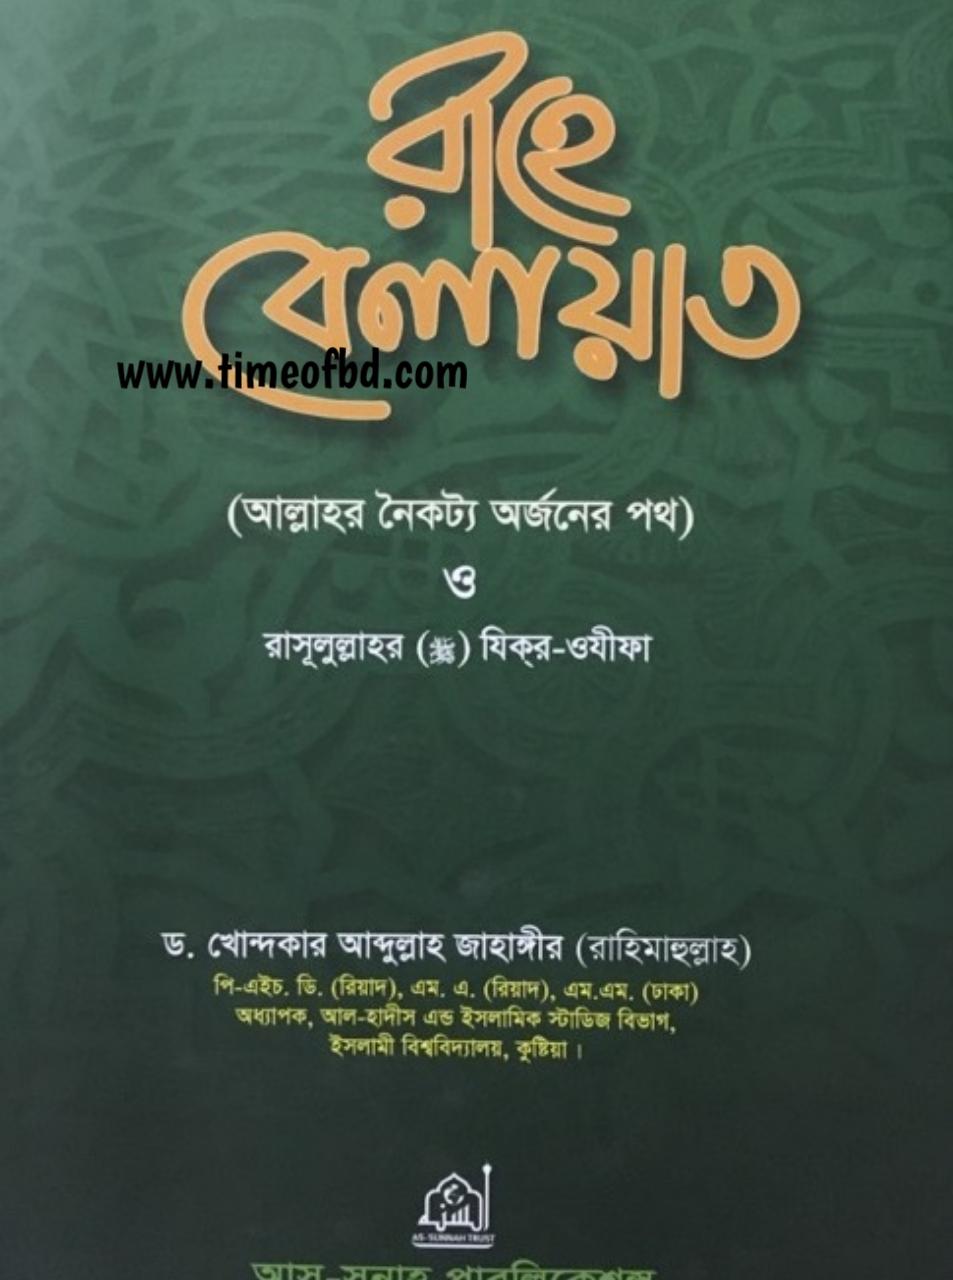 রাহে বেলায়েত, রাহে বেলায়েত pdf , রাহে আমল pdf , রাহে নাজাত pdf, রাহে ইসলাম